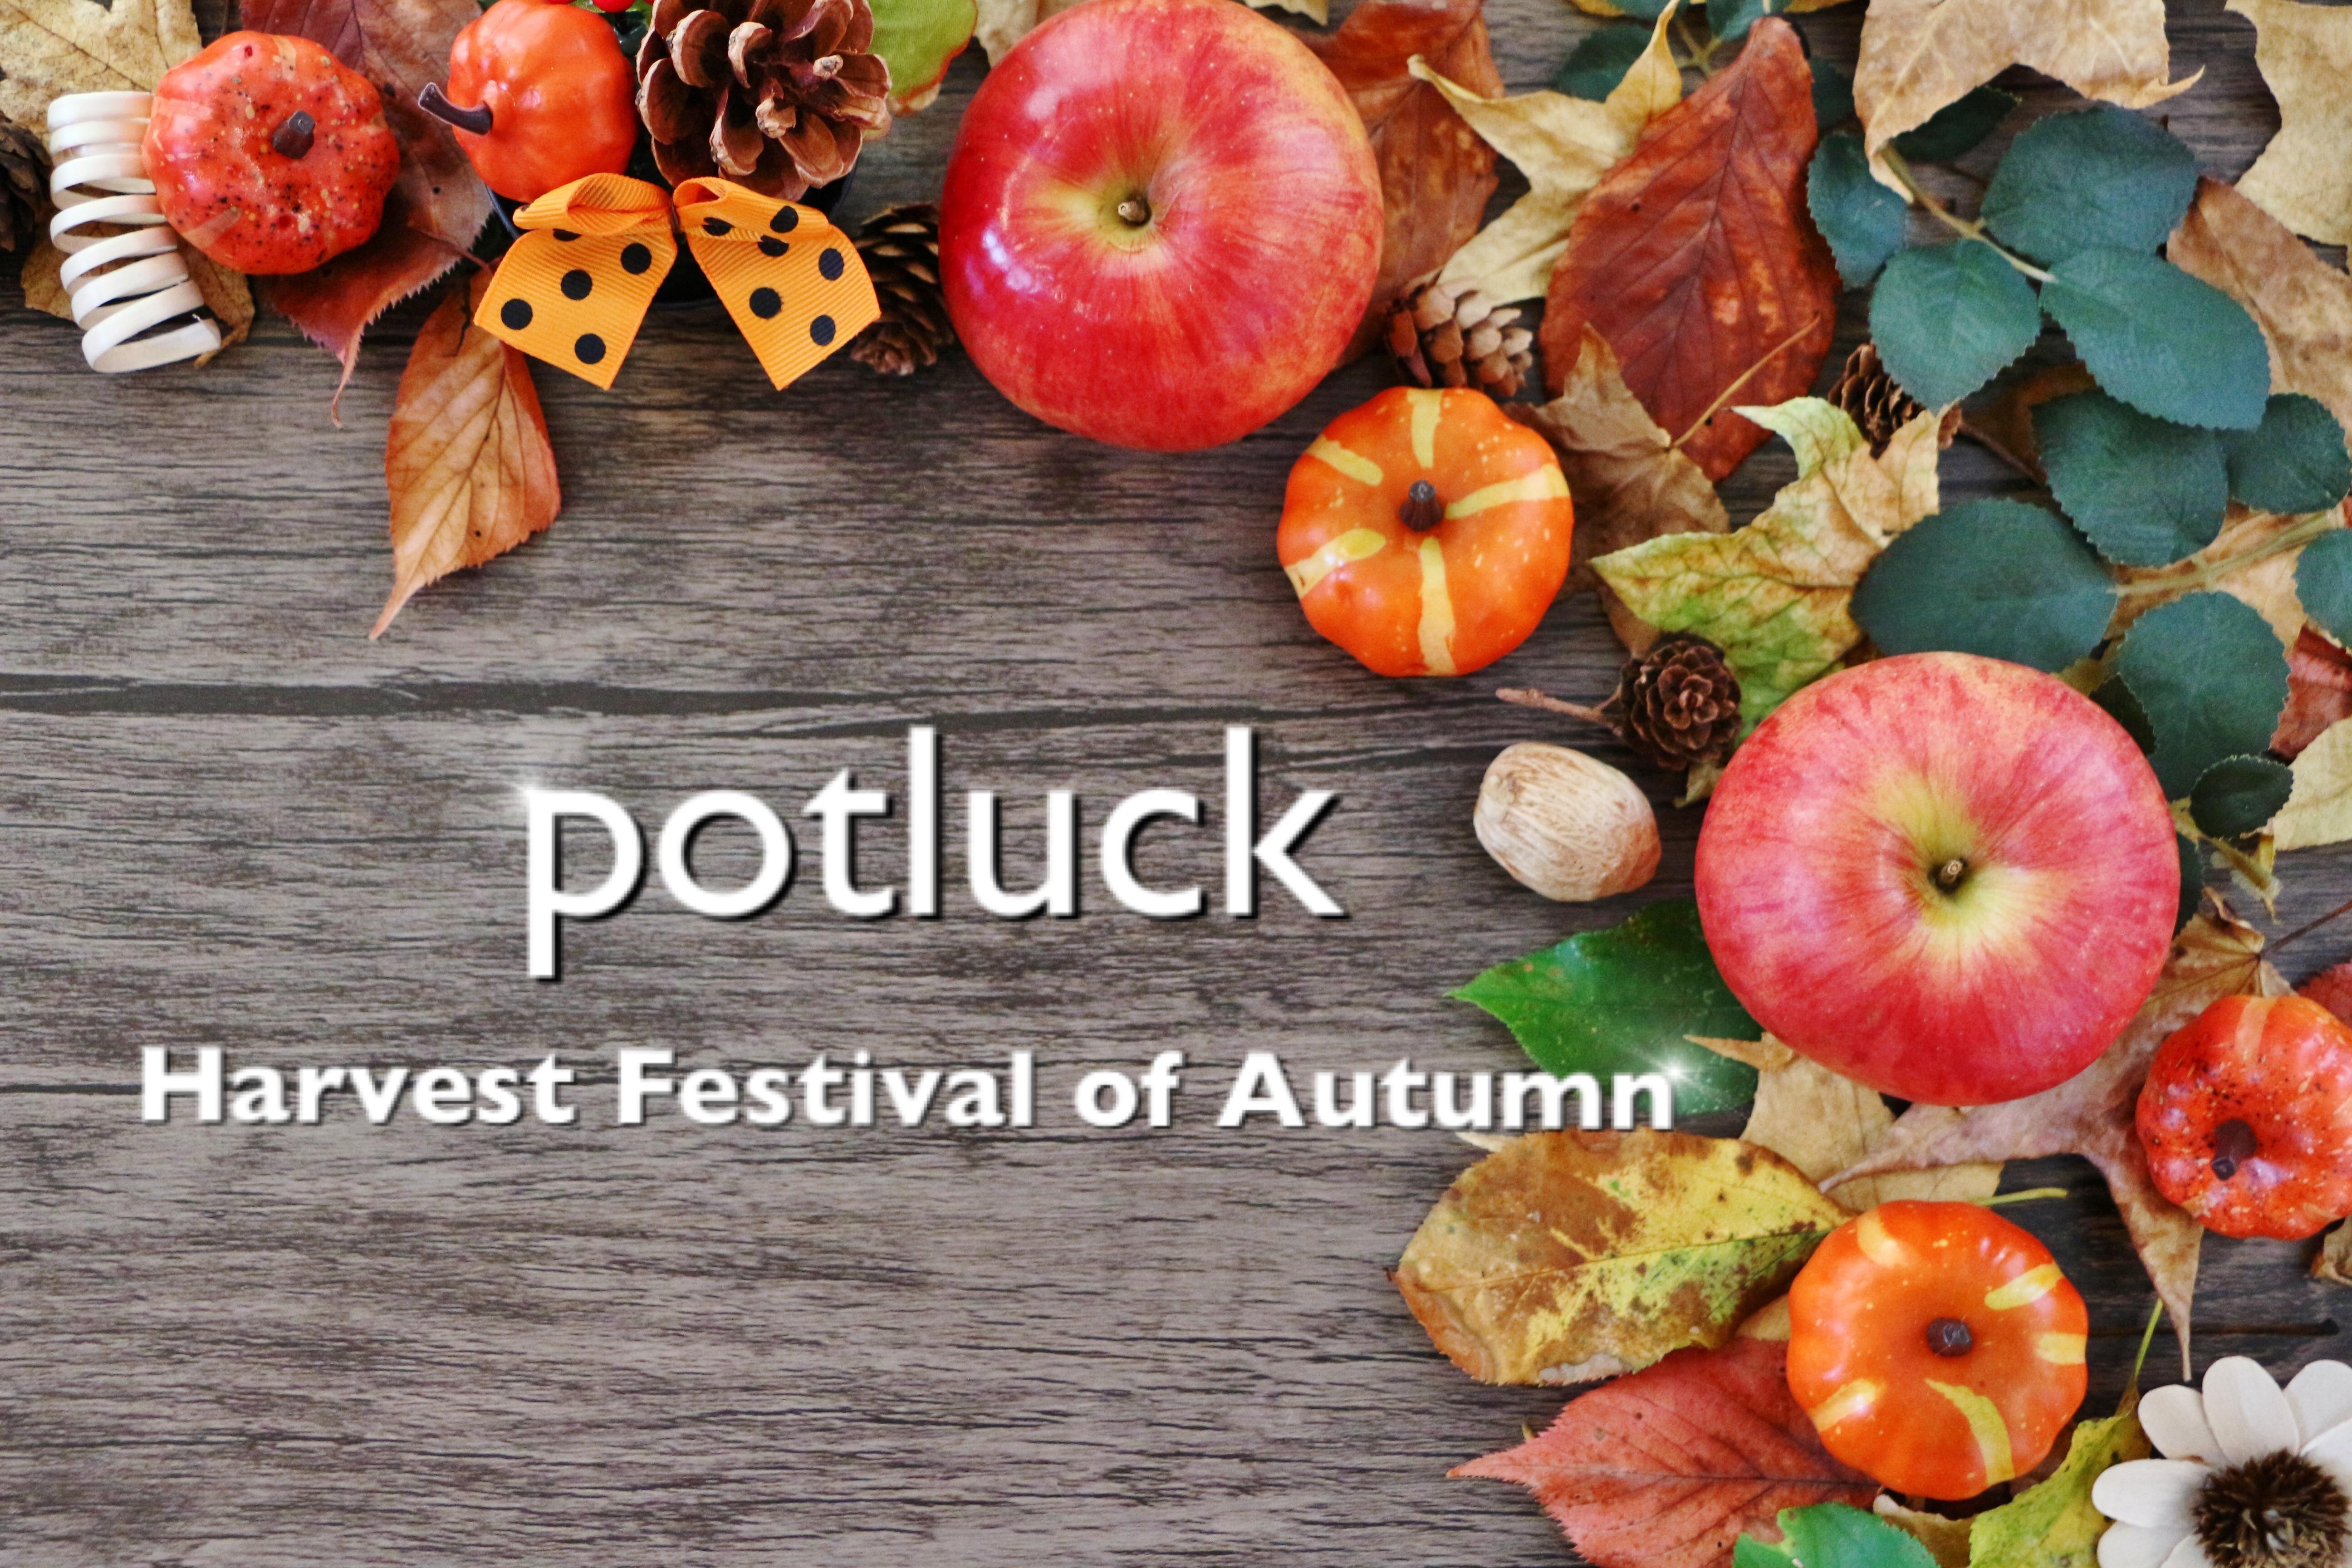 Potluck-秋の収穫祭‐実りの祝福パーティ